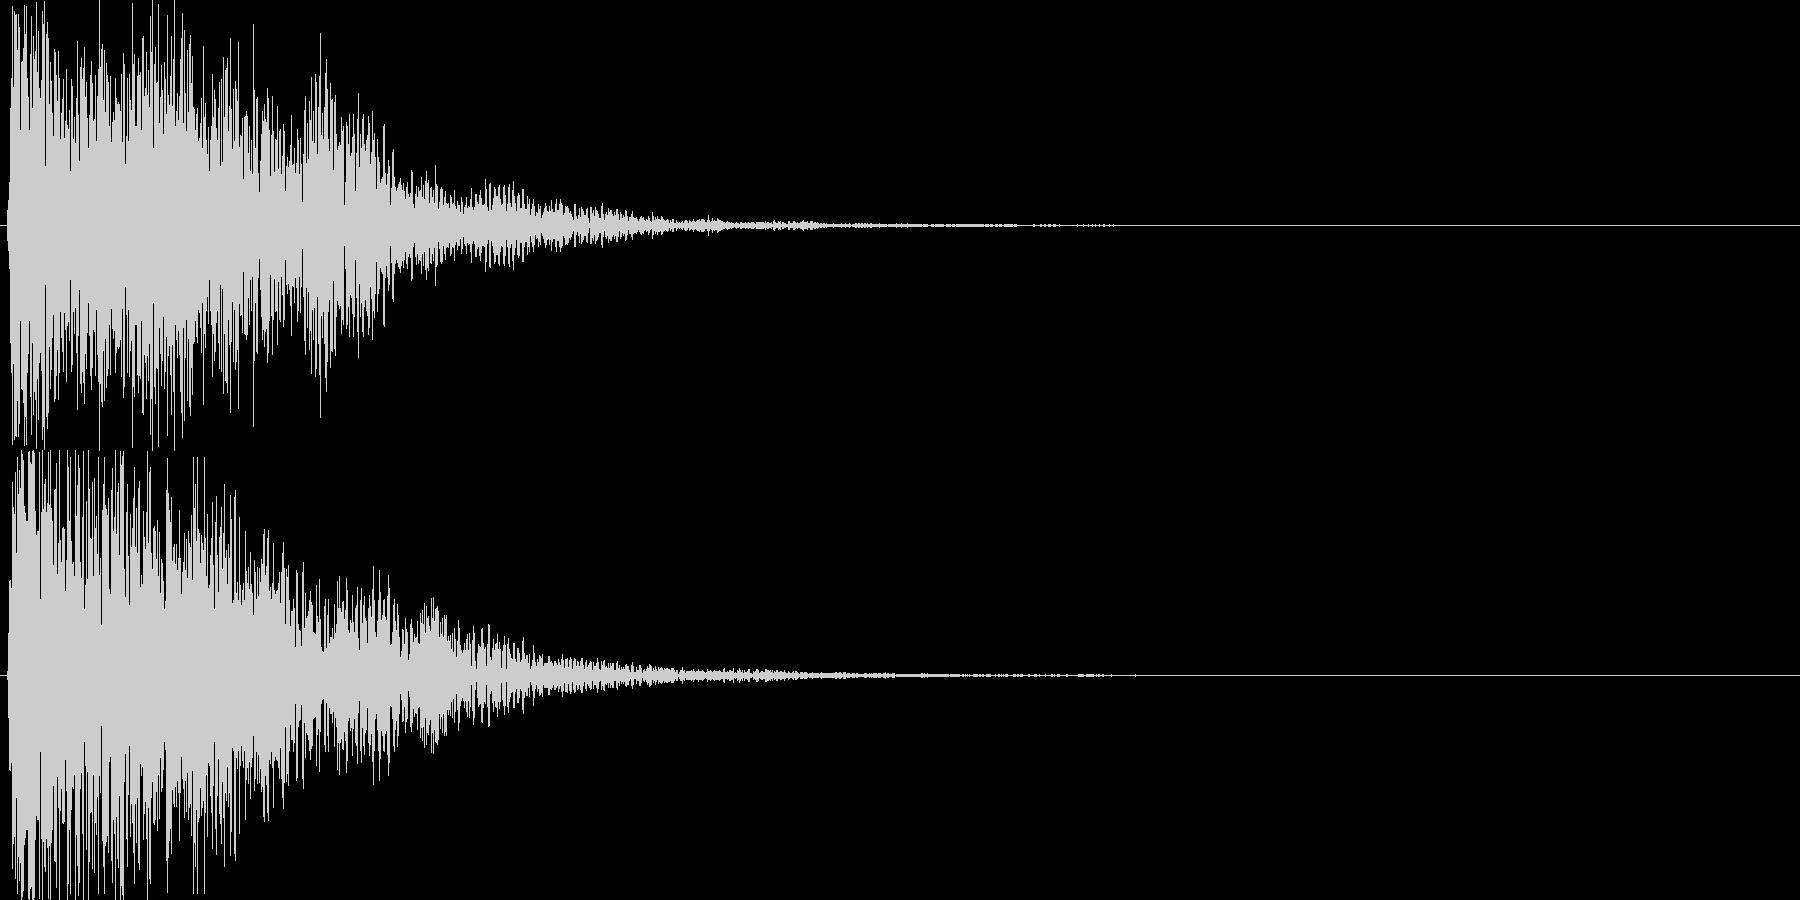 ピコ(ゲーム、アプリなどの操作音10)の未再生の波形